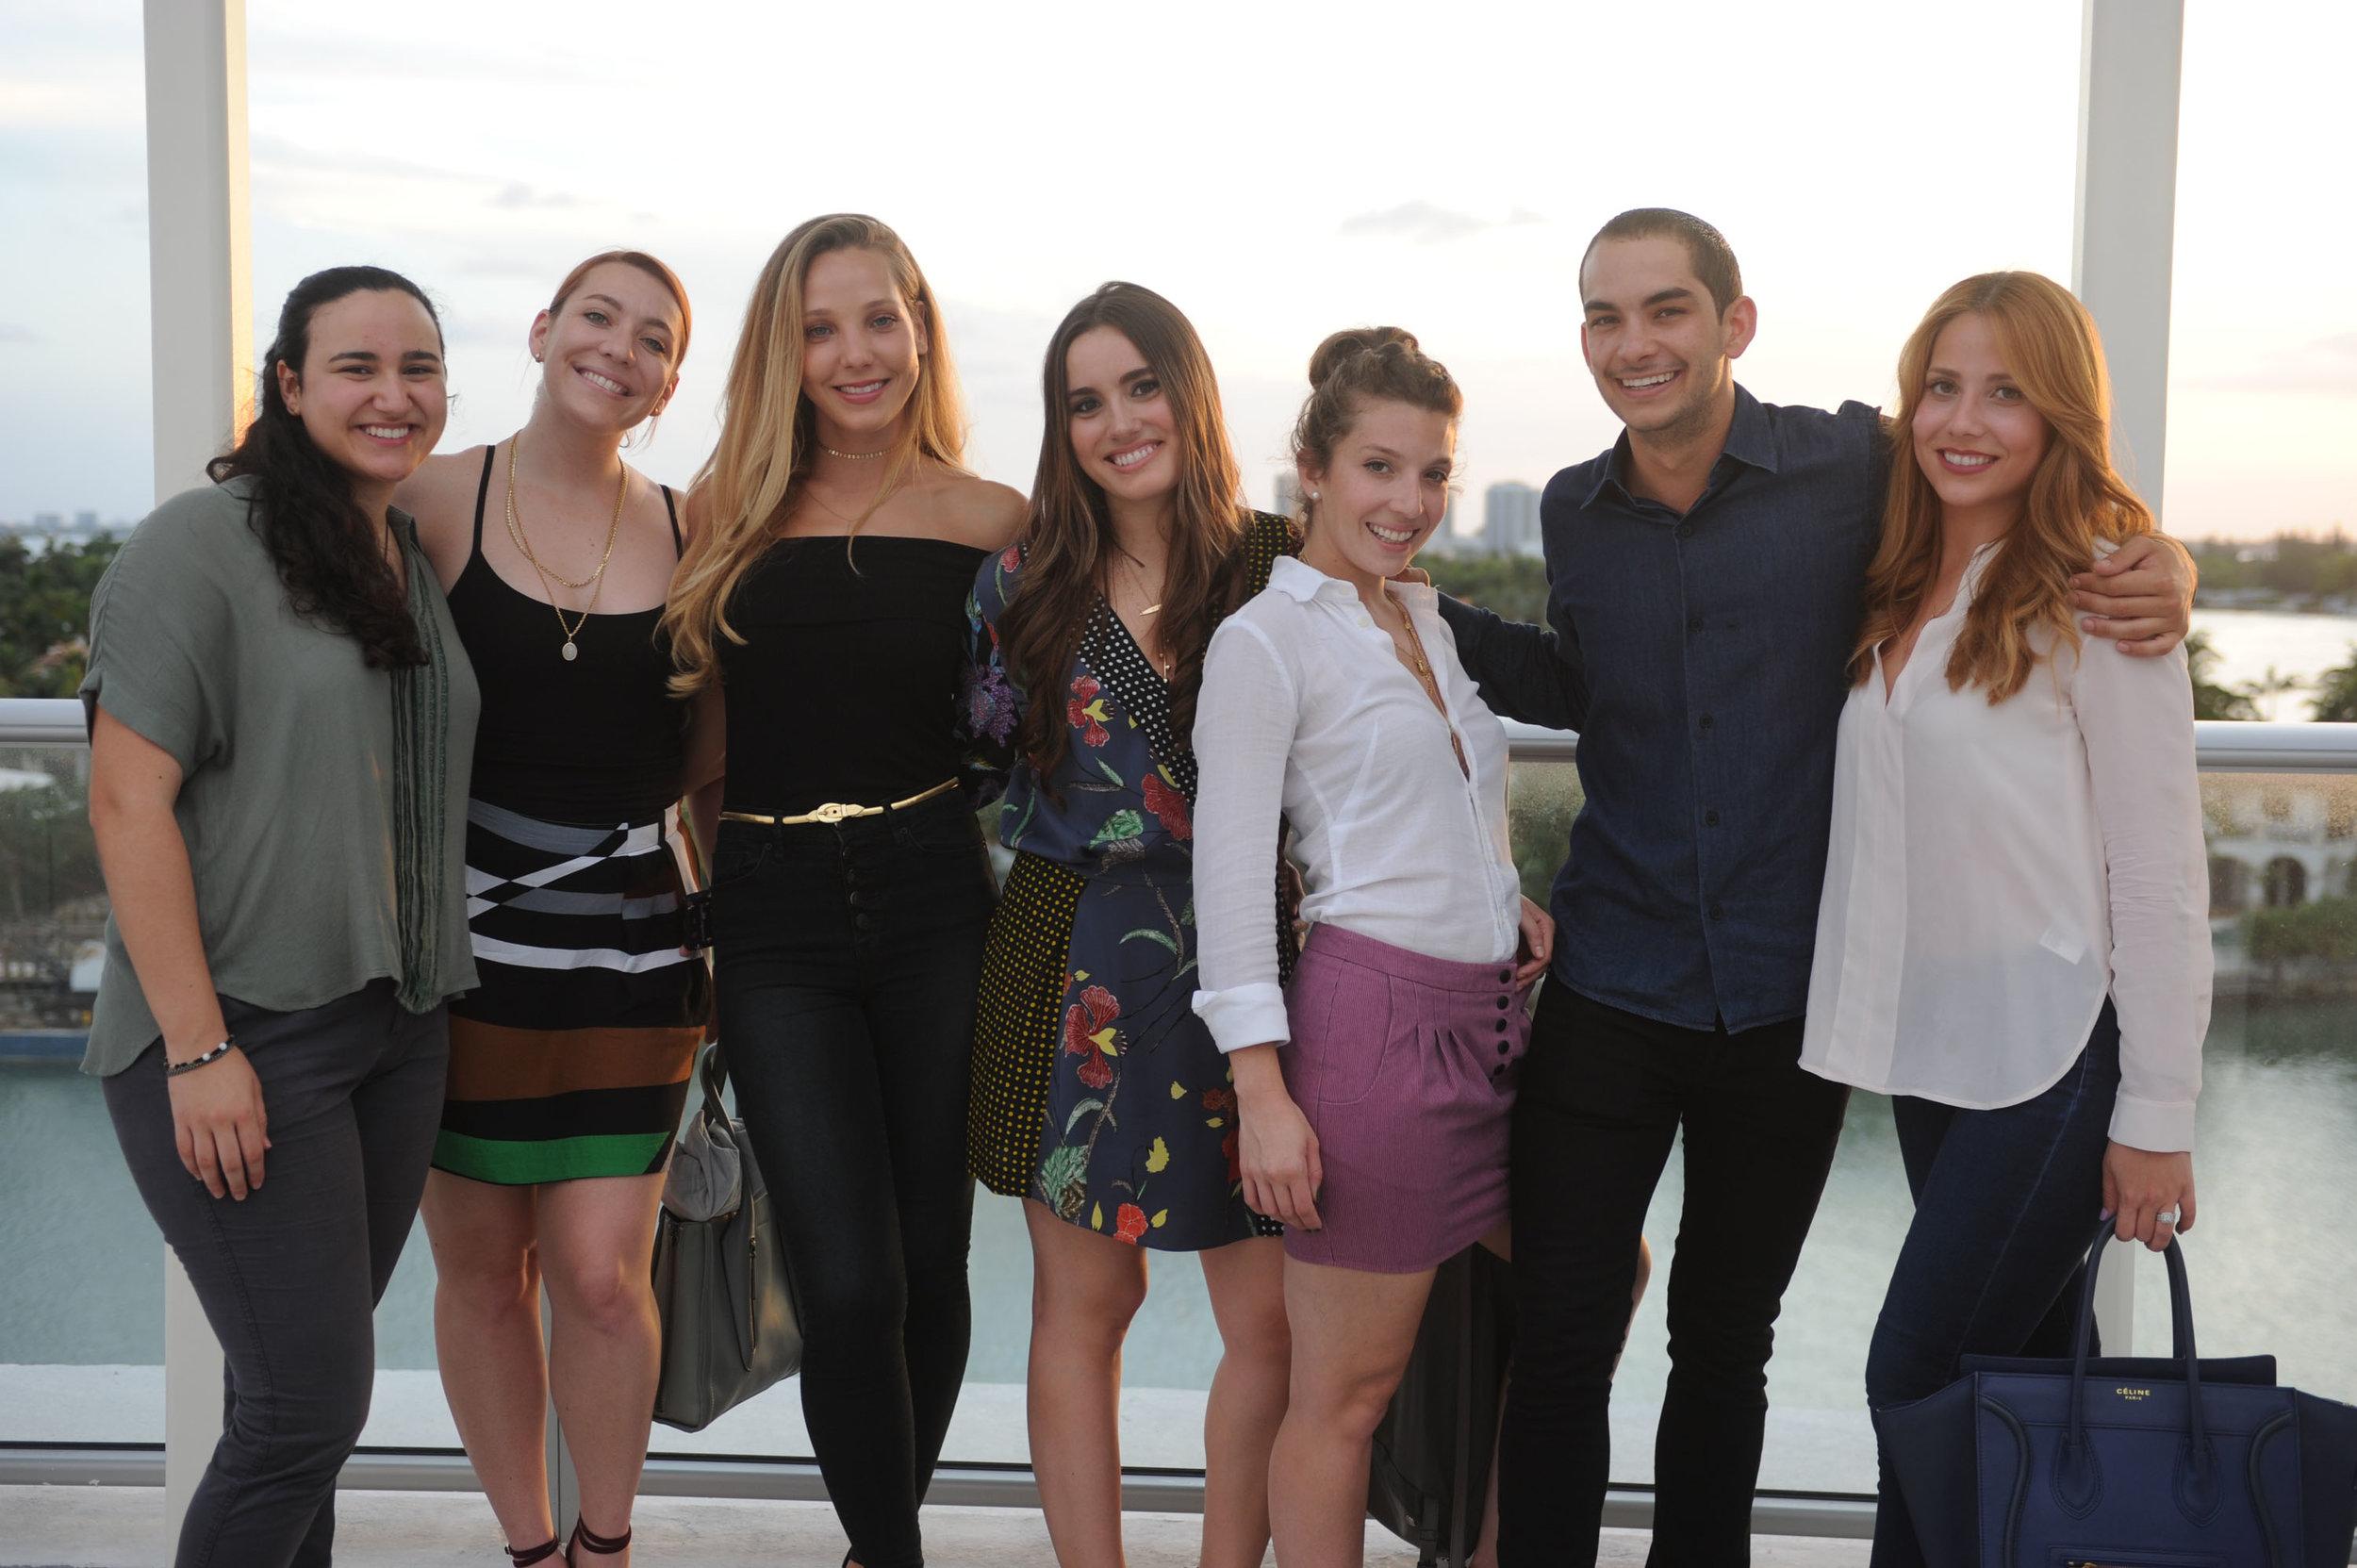 Daniela Muinos, Monica Fuentes, Alexandra Gonzalez, Alexandra Muinos, Victoria Fuentes, Chris Menendez, & Mari Gonzalez.jpg